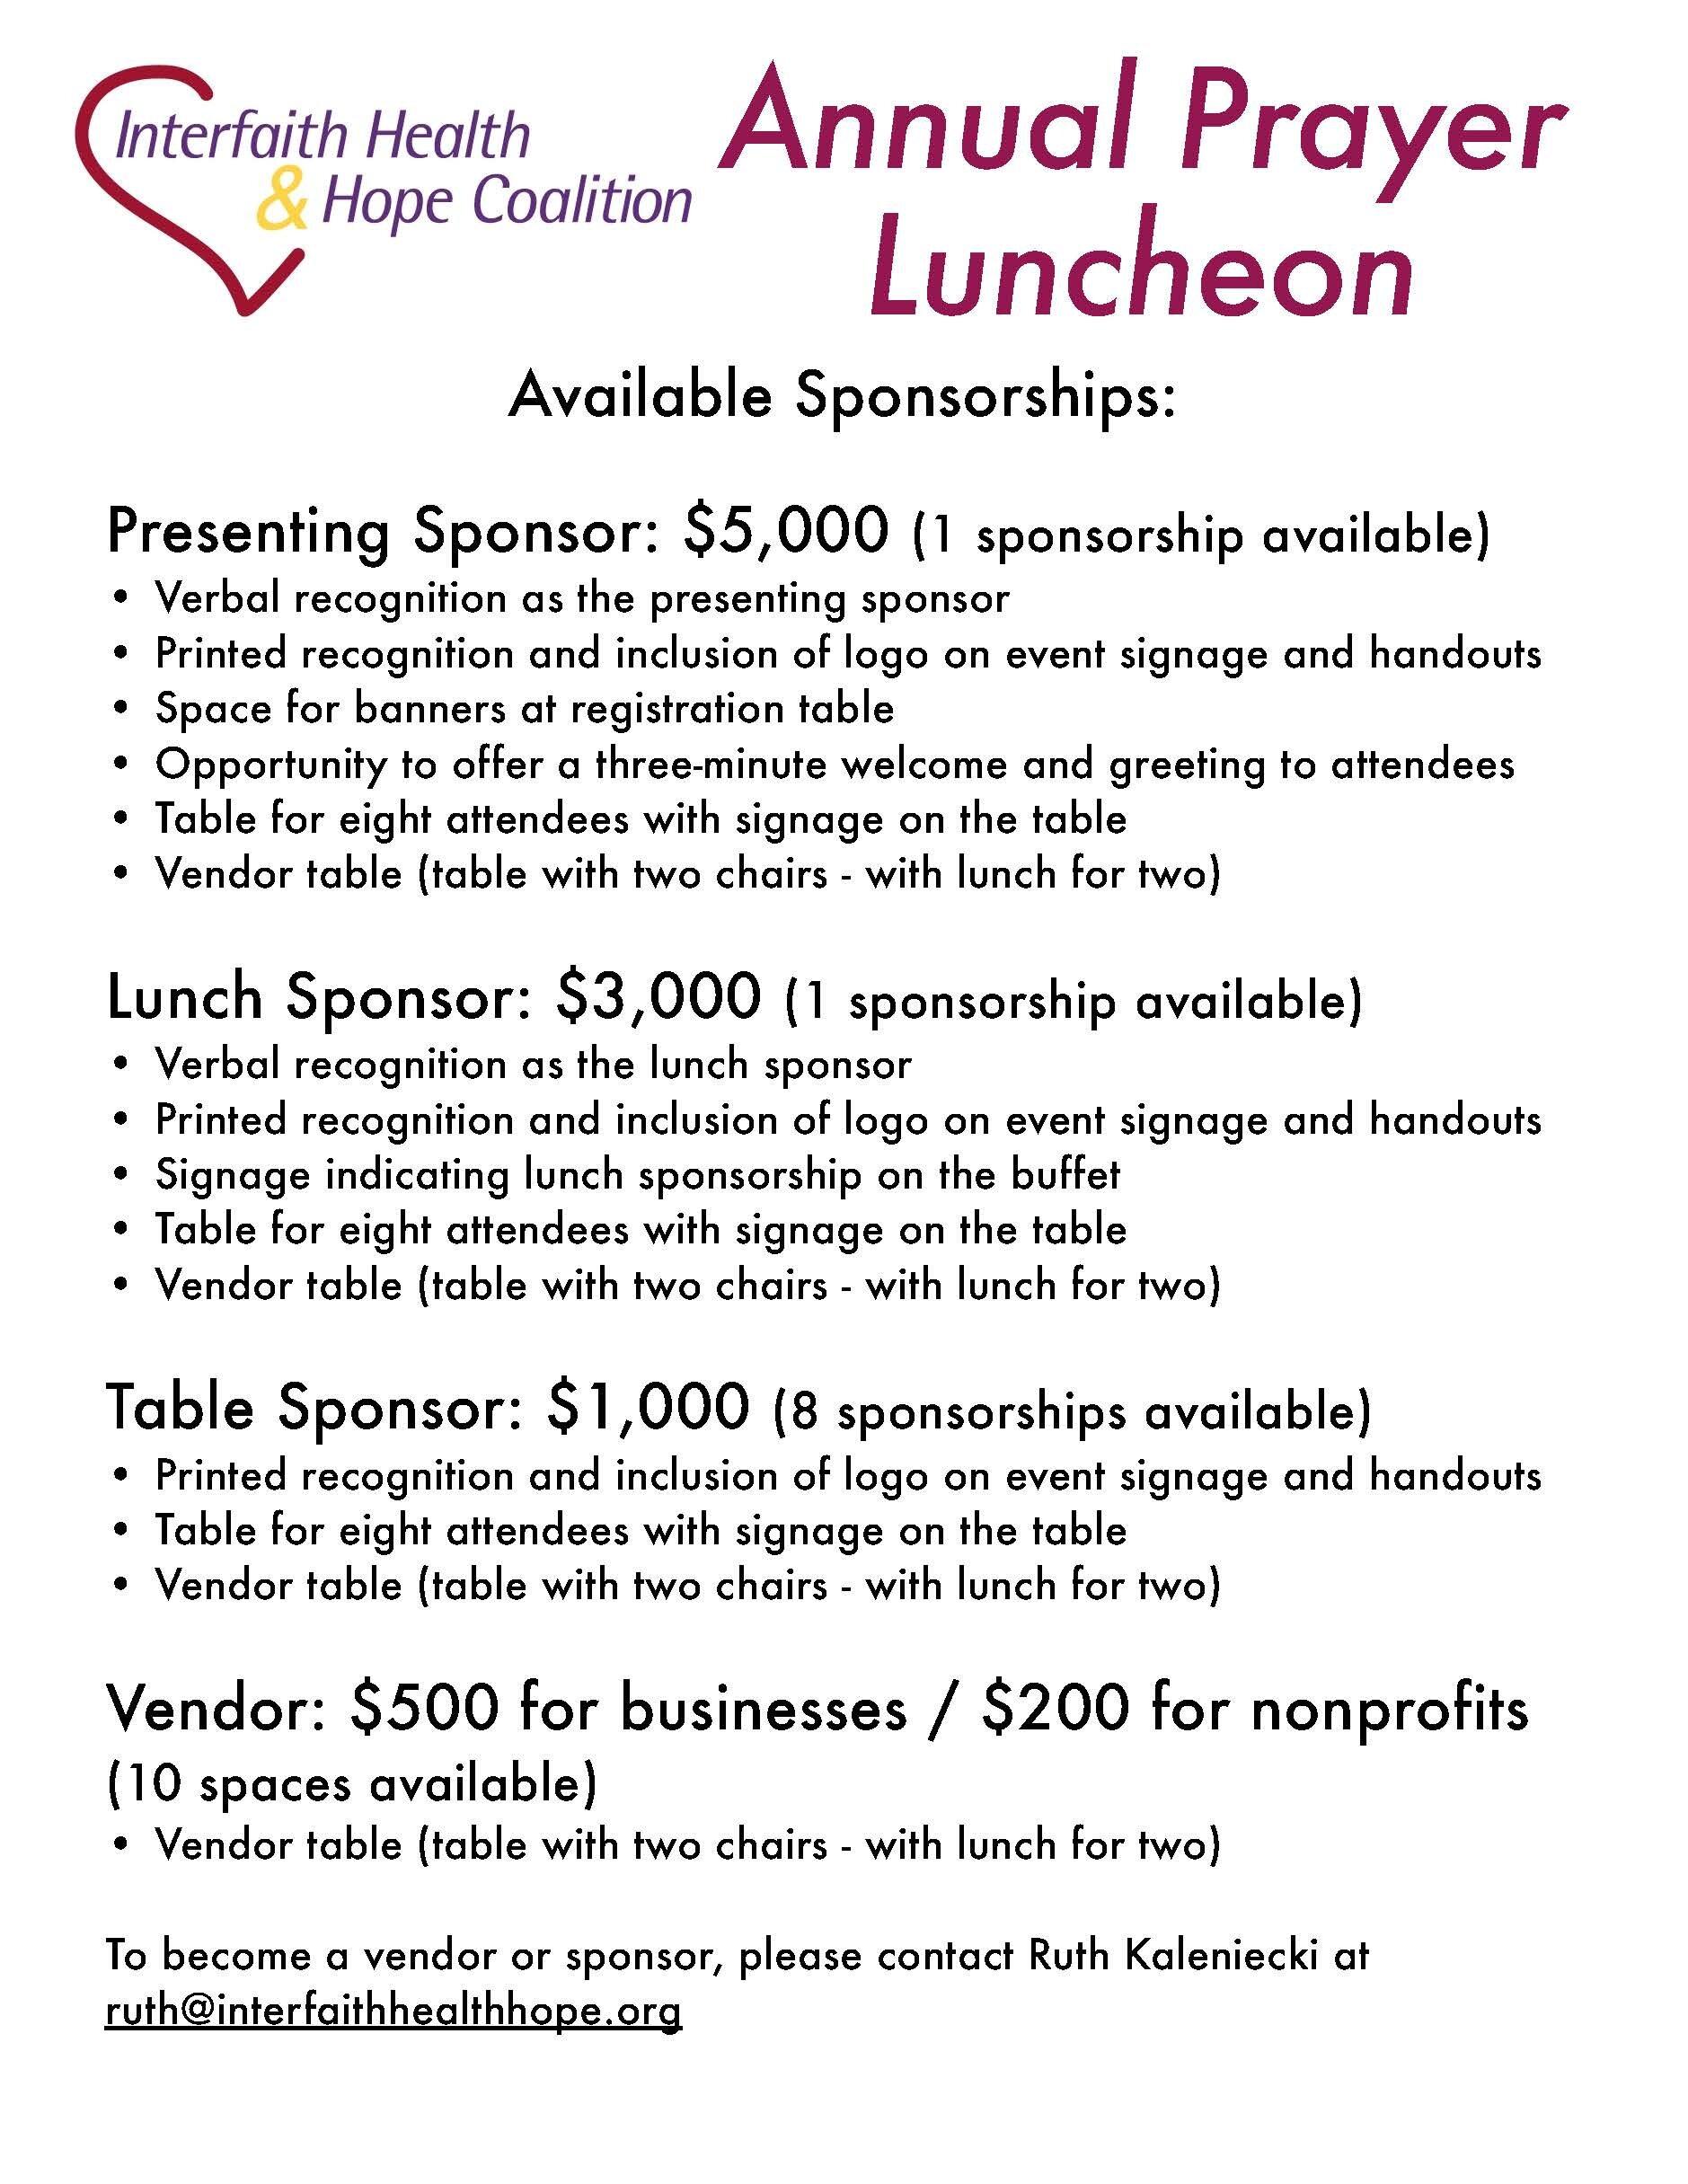 ihhc-2019-luncheon-flier (002)_Page_2.jpg